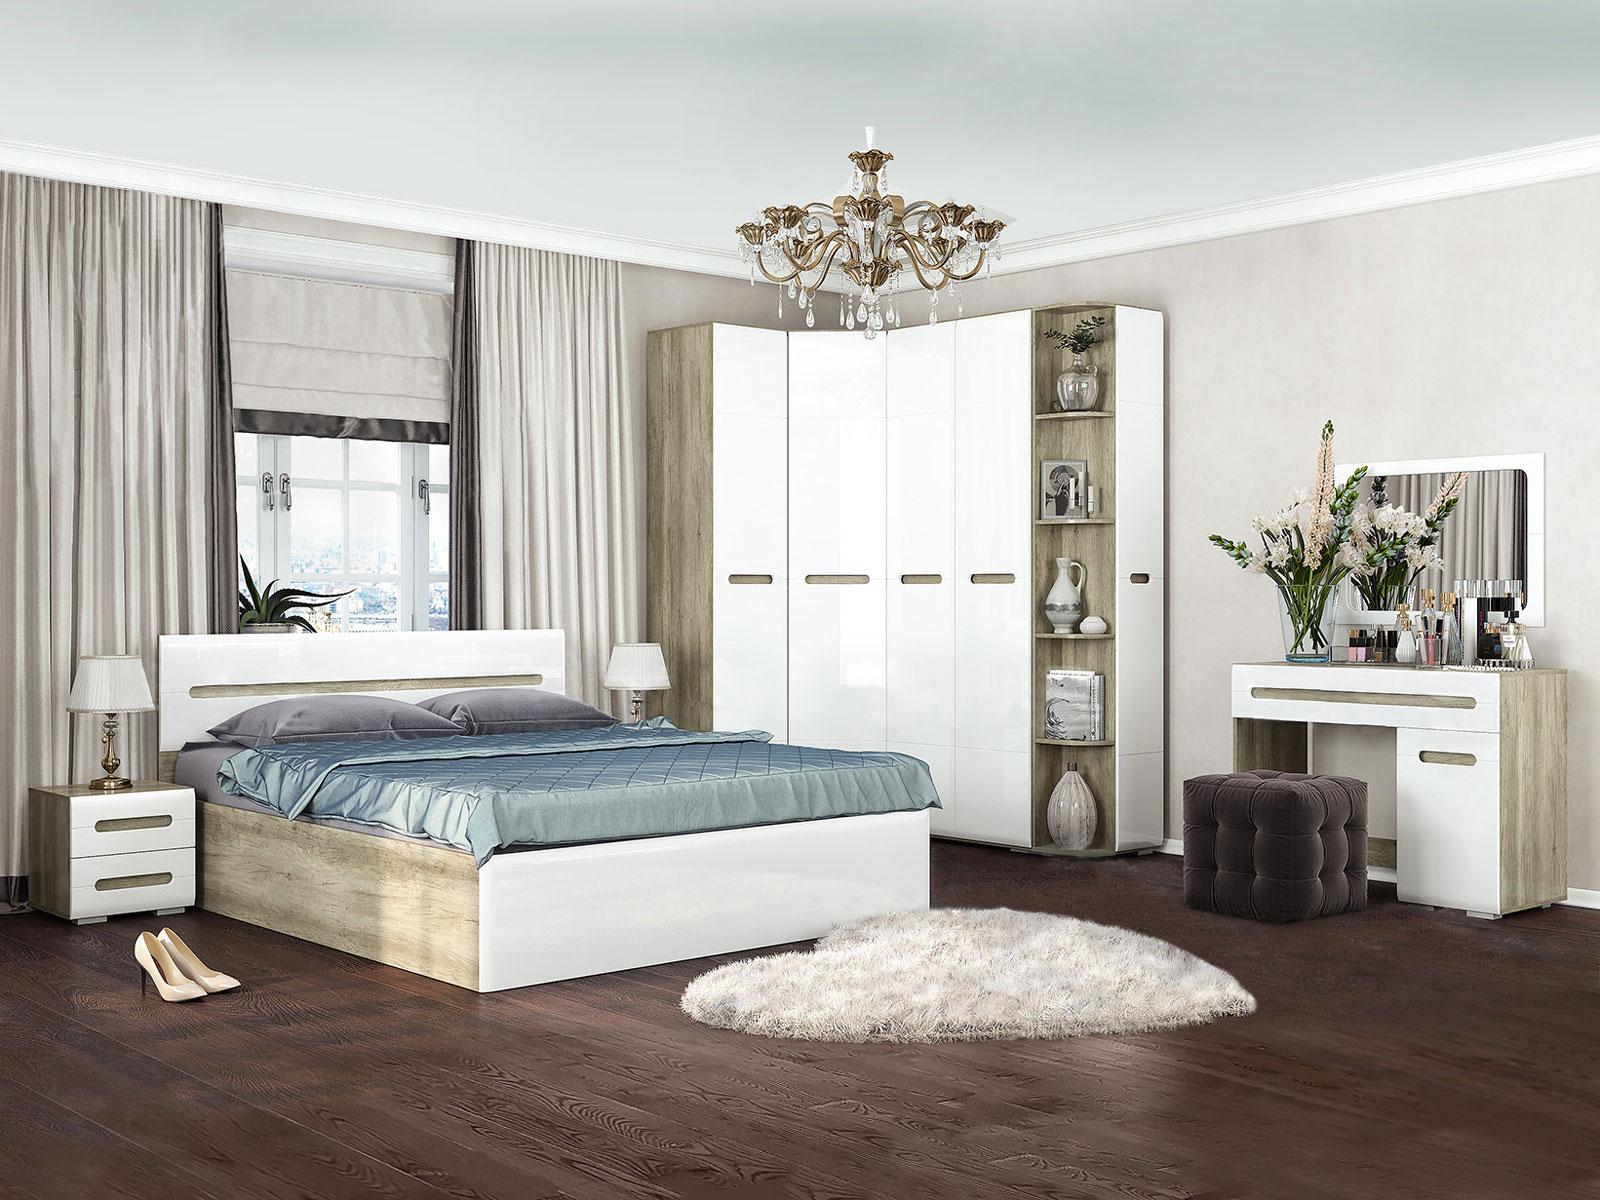 Спальный гарнитур 150-109108